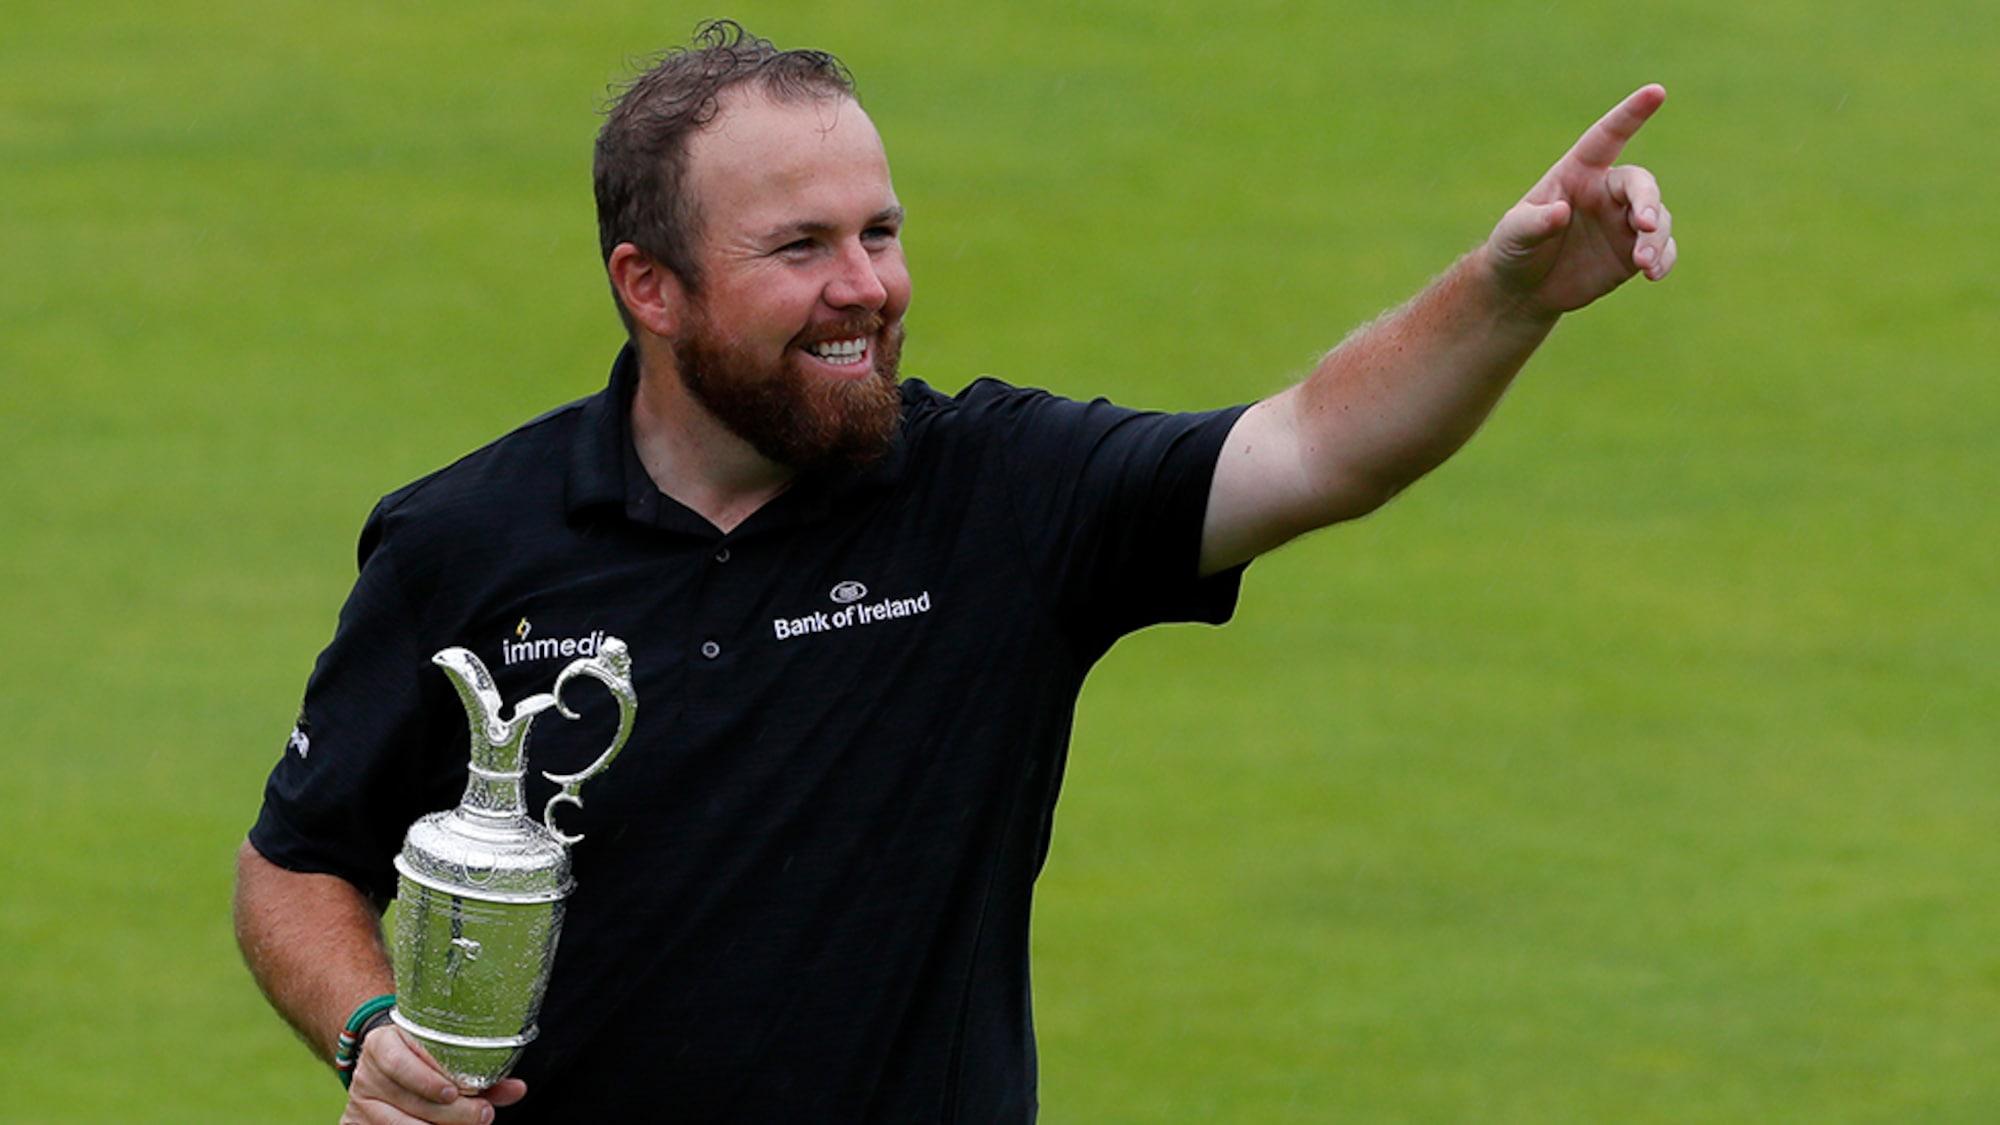 Sensation am British Open: 100-Kilo-Mann stellt Golfstars in den Schatten